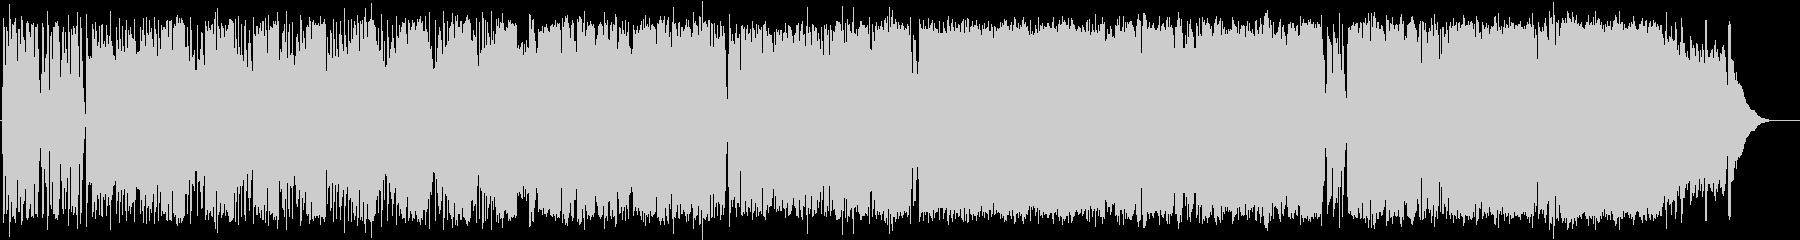 英語洋楽:中期ビートルズ・ポップスの典型の未再生の波形